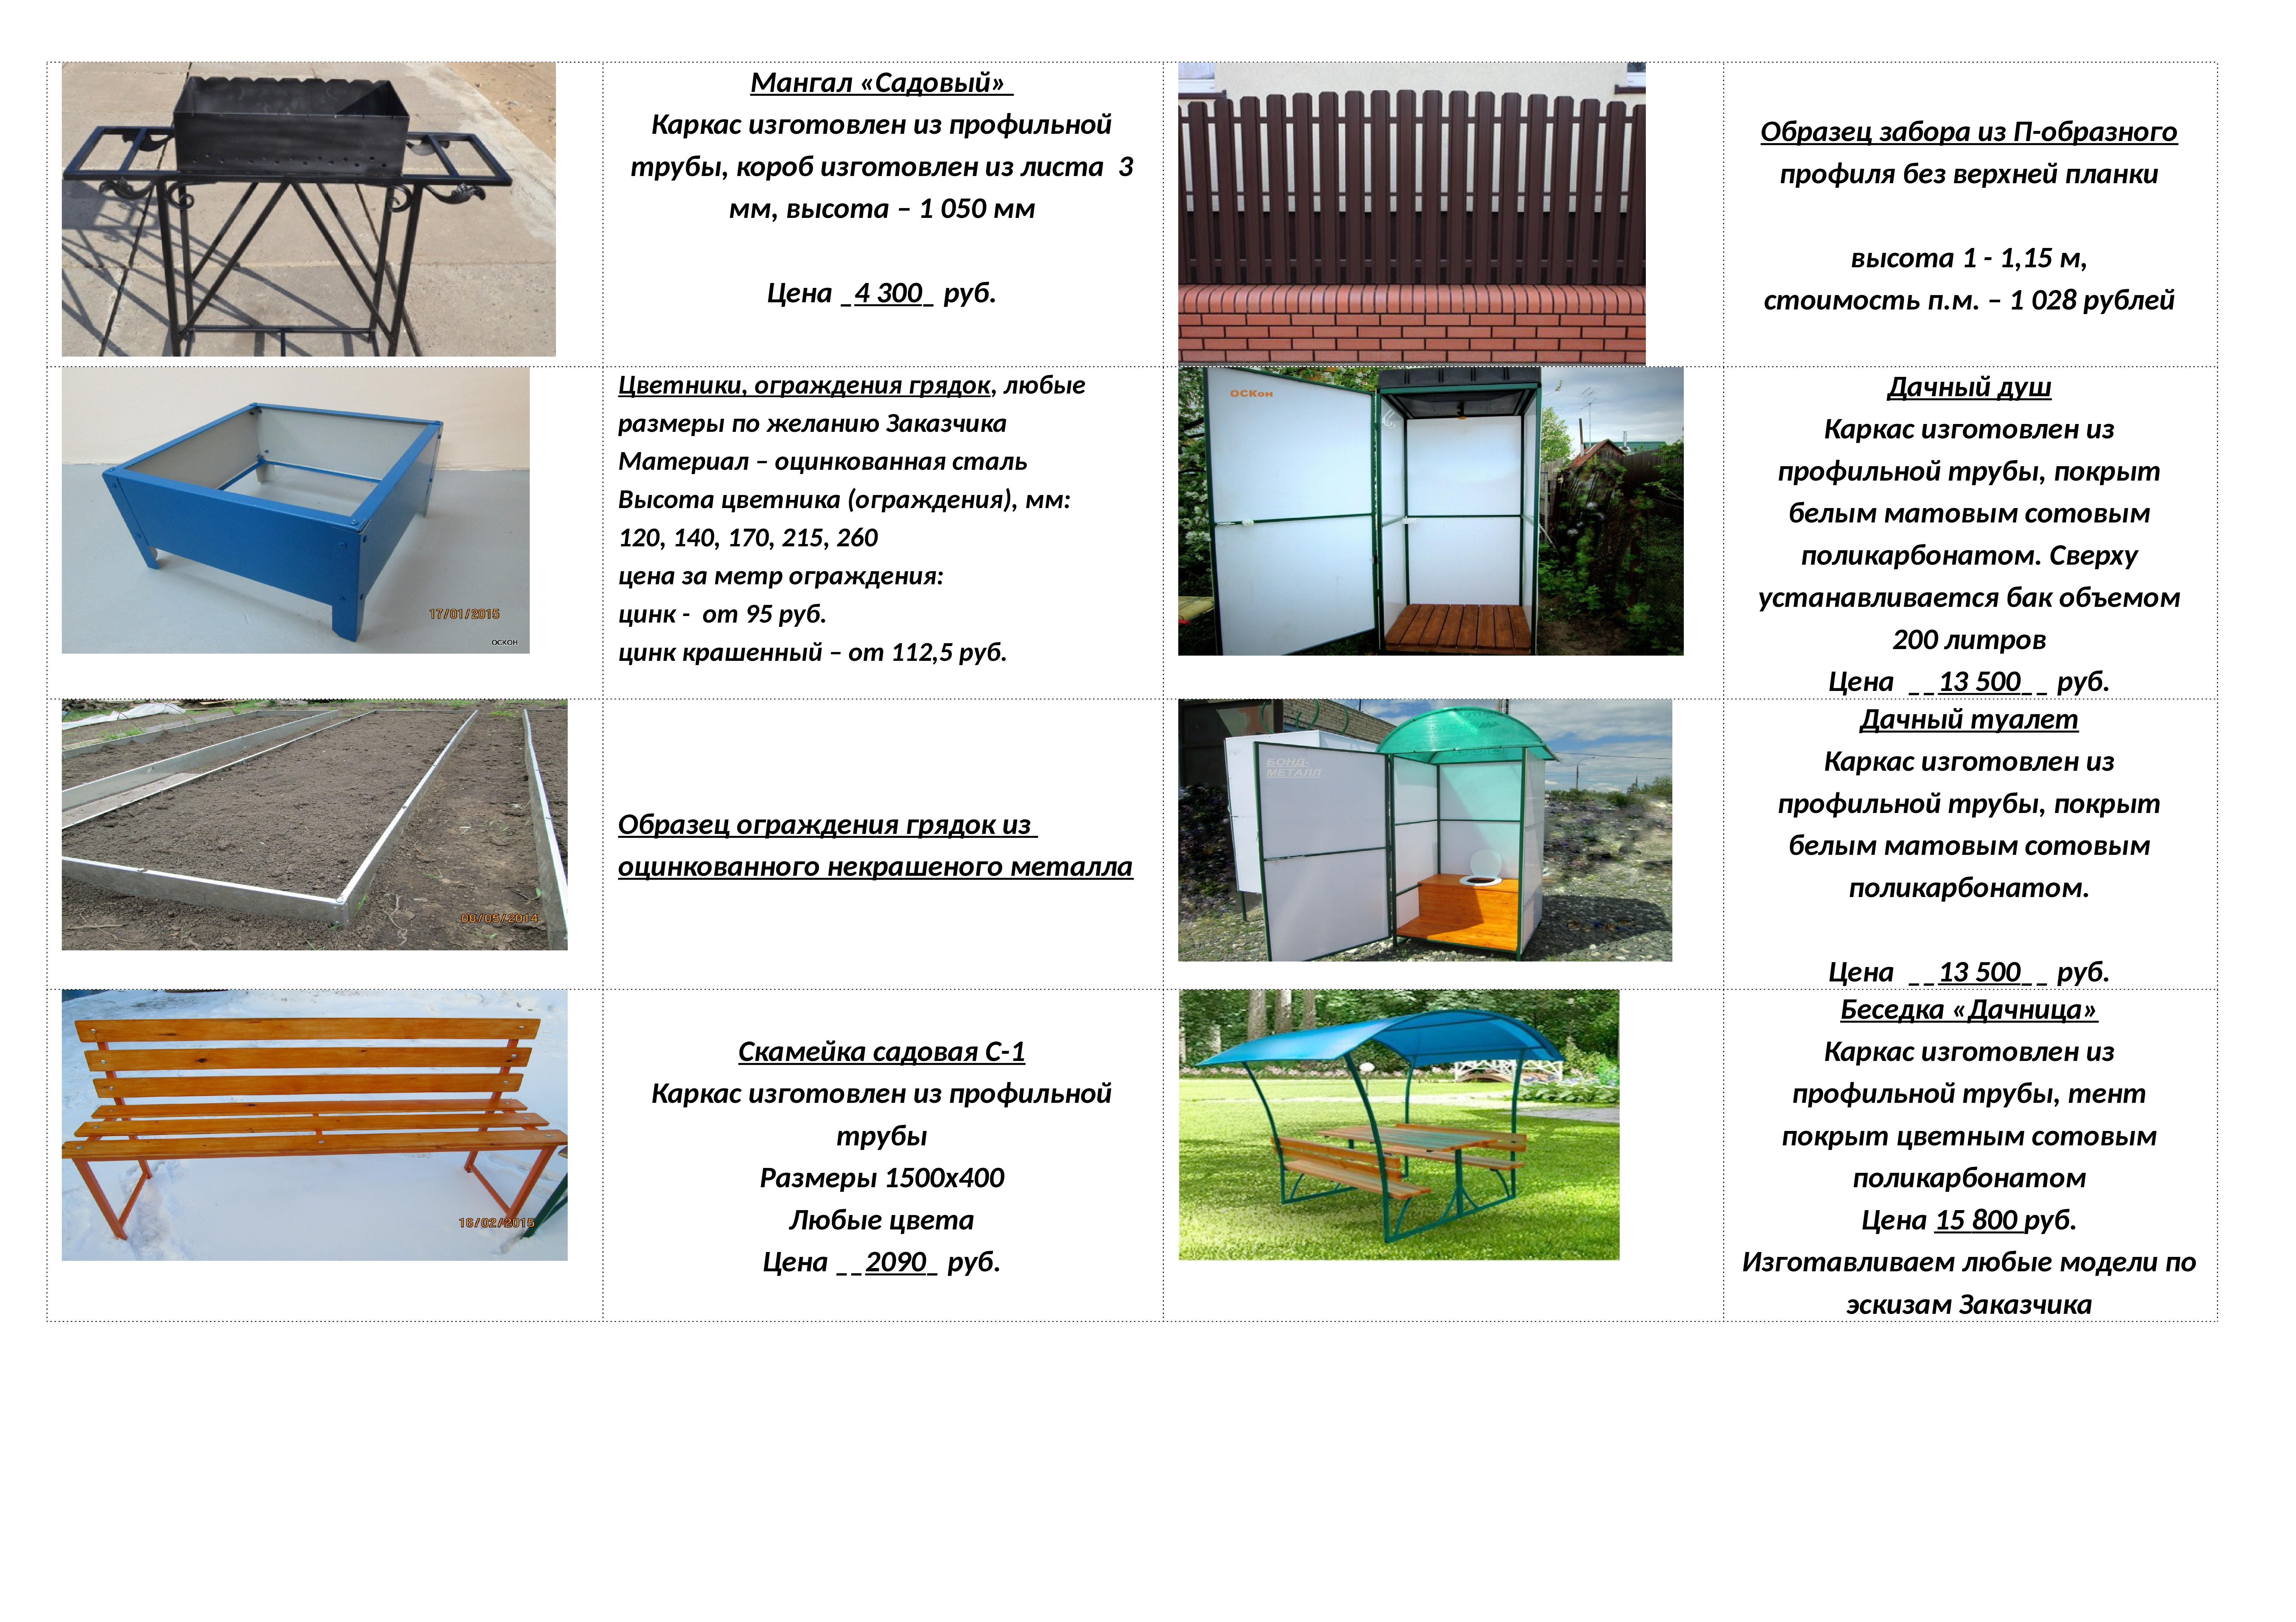 ПО УМЕРЕННЫМ ЦЕНАМ - дачные туалеты, душевые кабинки, беседки, скамейки садовые, цветники и ограждения для грядок